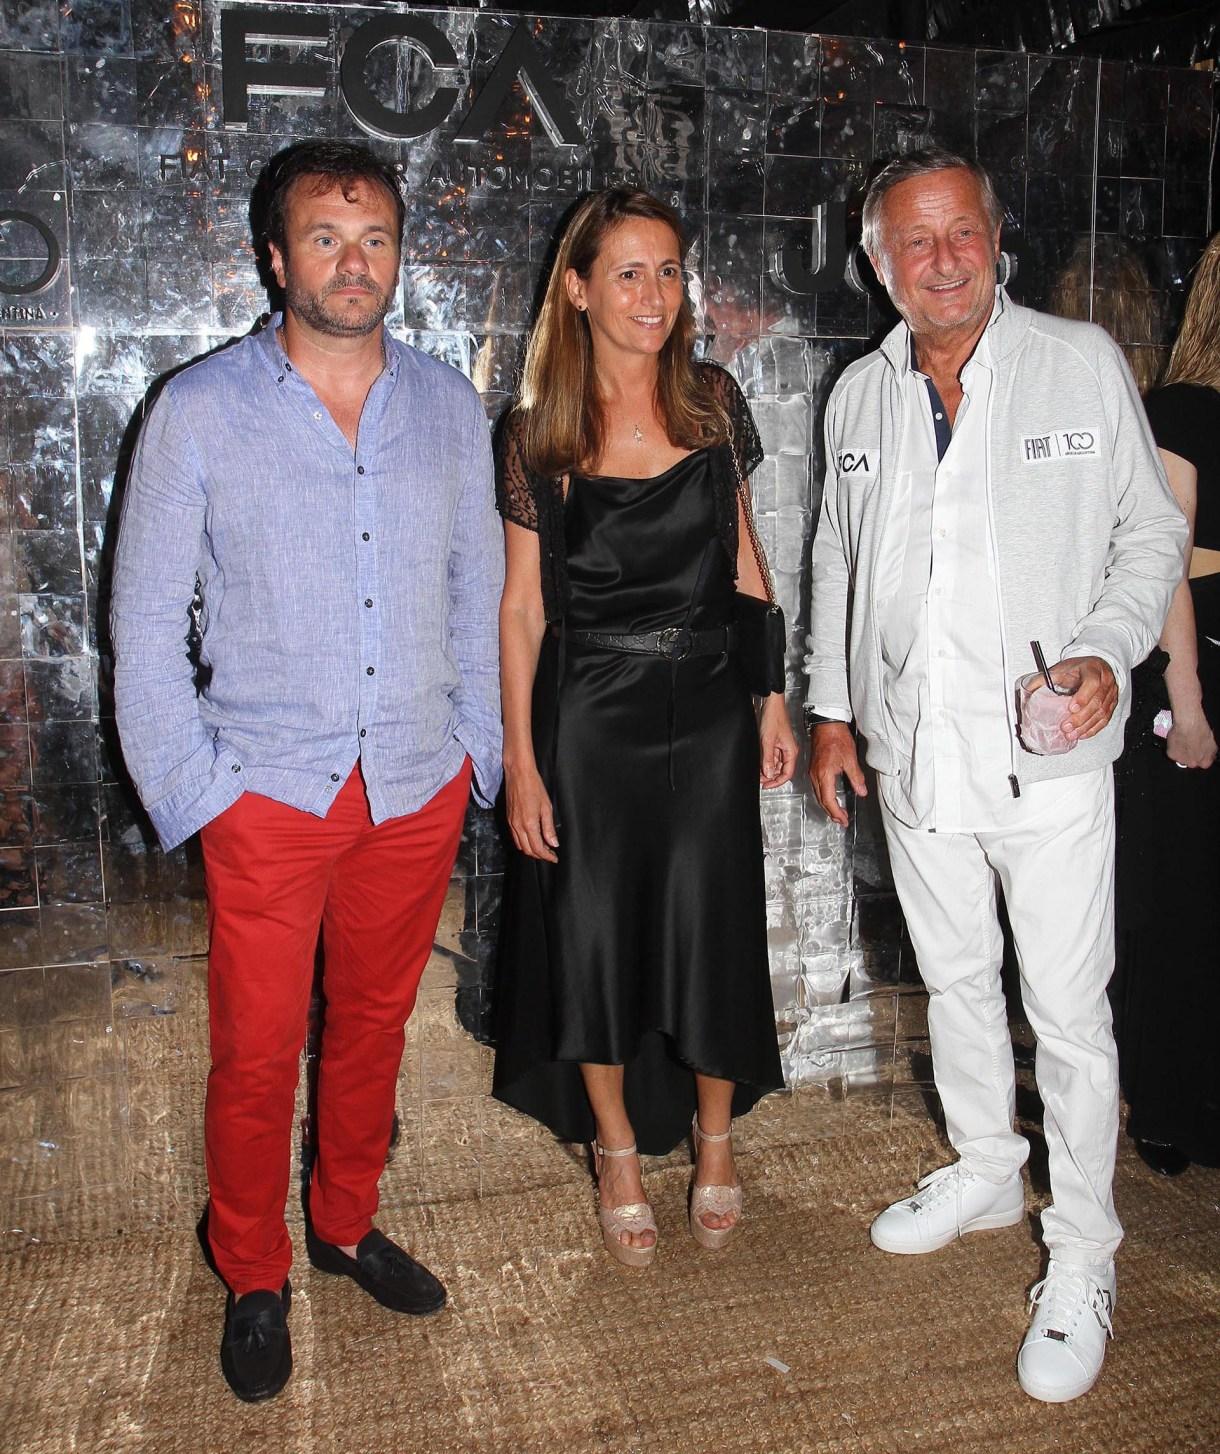 Juan Pablo Maglier, director de Relaciones Institucionales de La Rural, y su mujer Magdalena junto a Cristiano Rattazzi